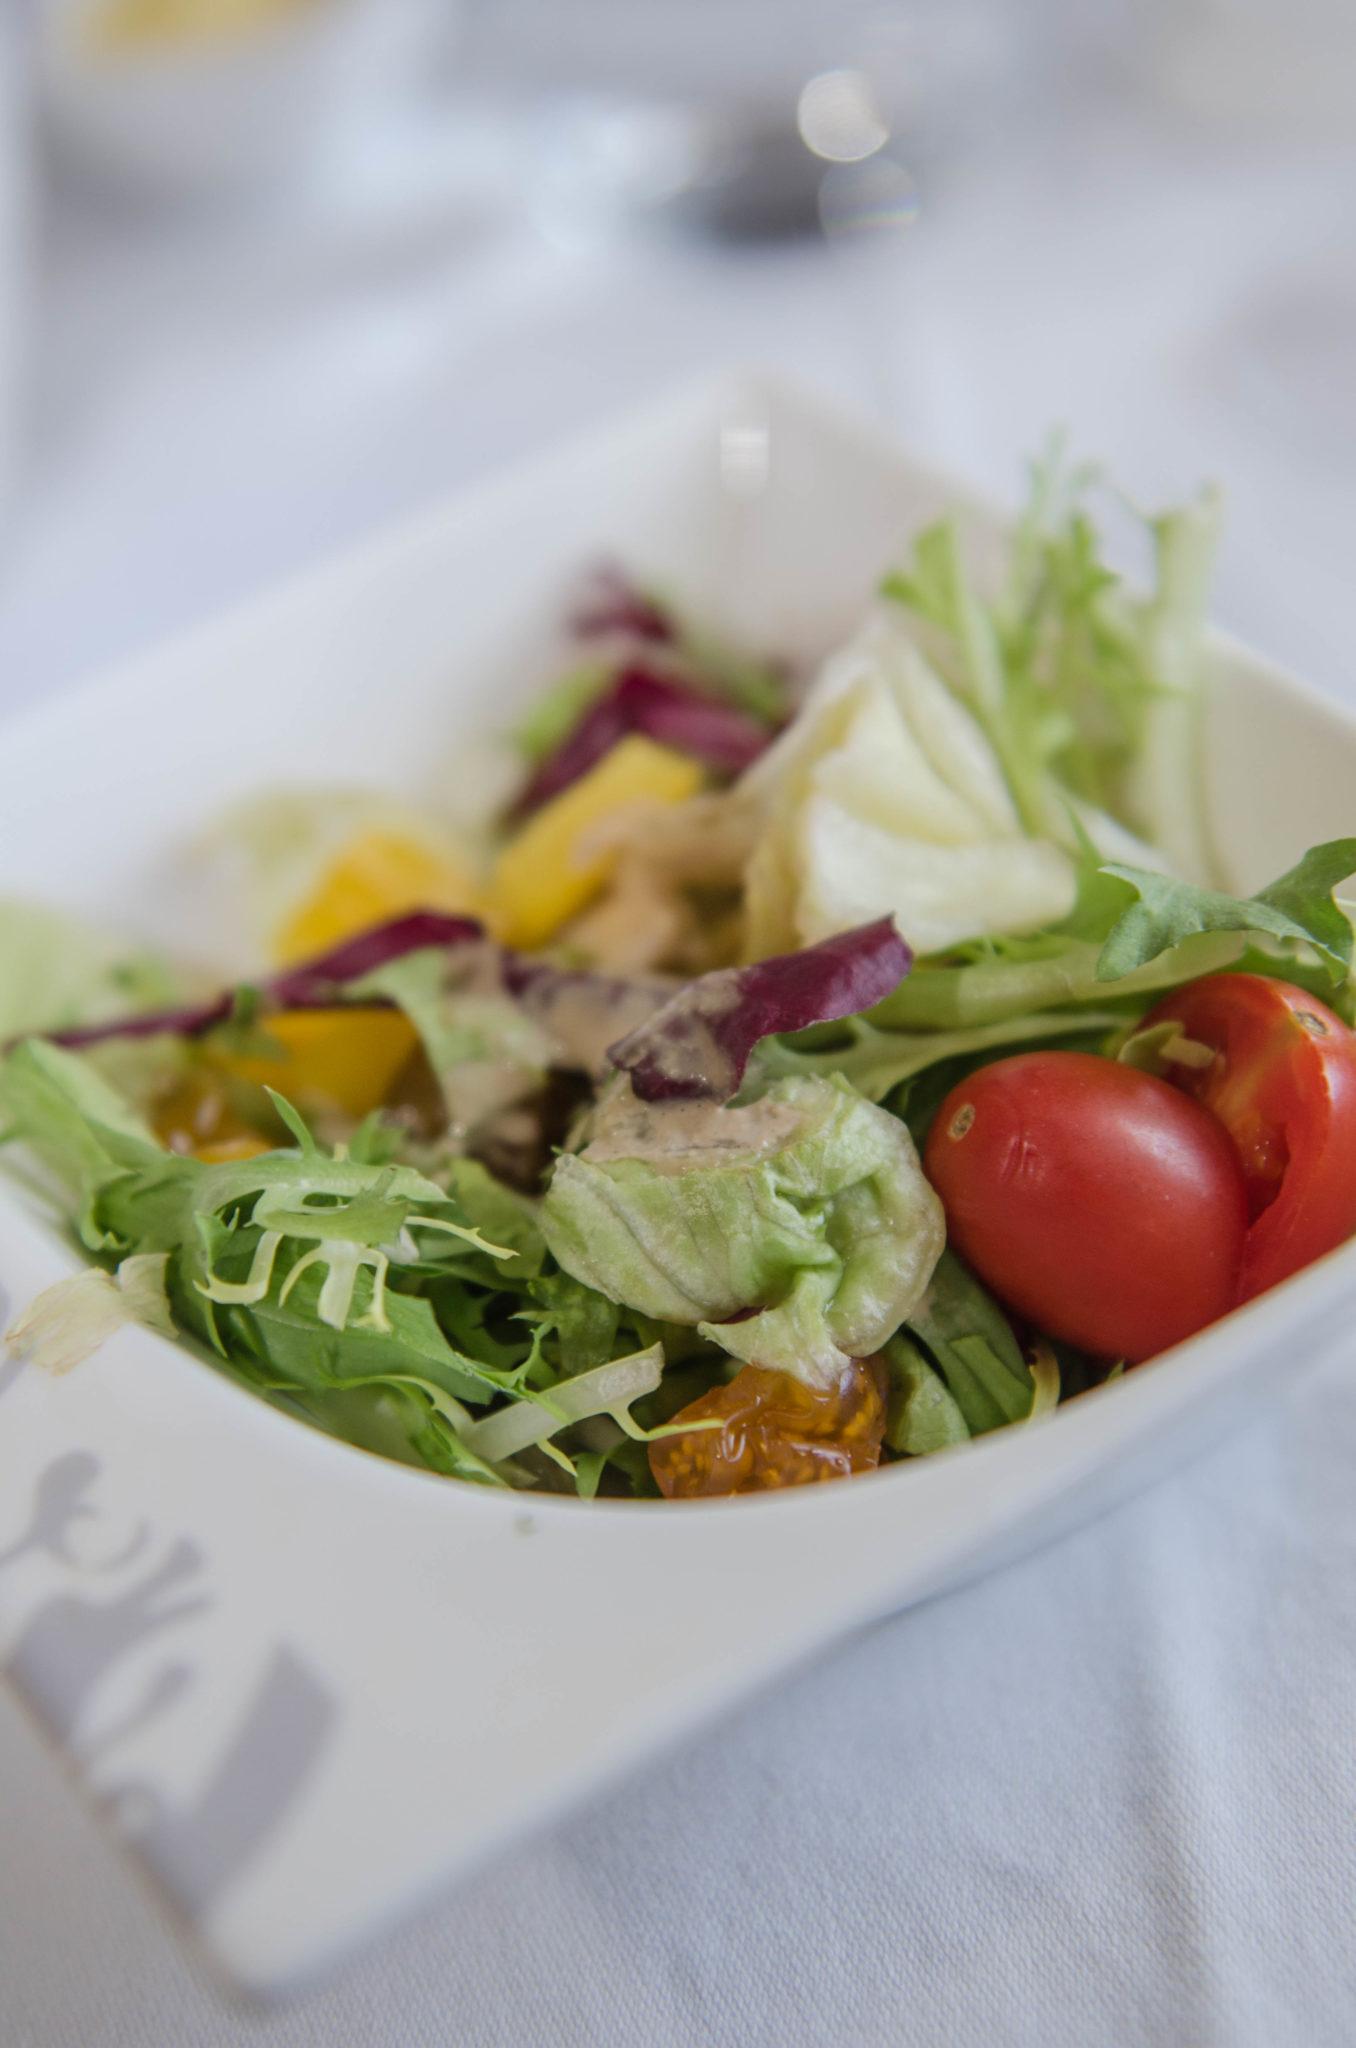 Frischen Salat gibt es in der Hainan Business Class dazu